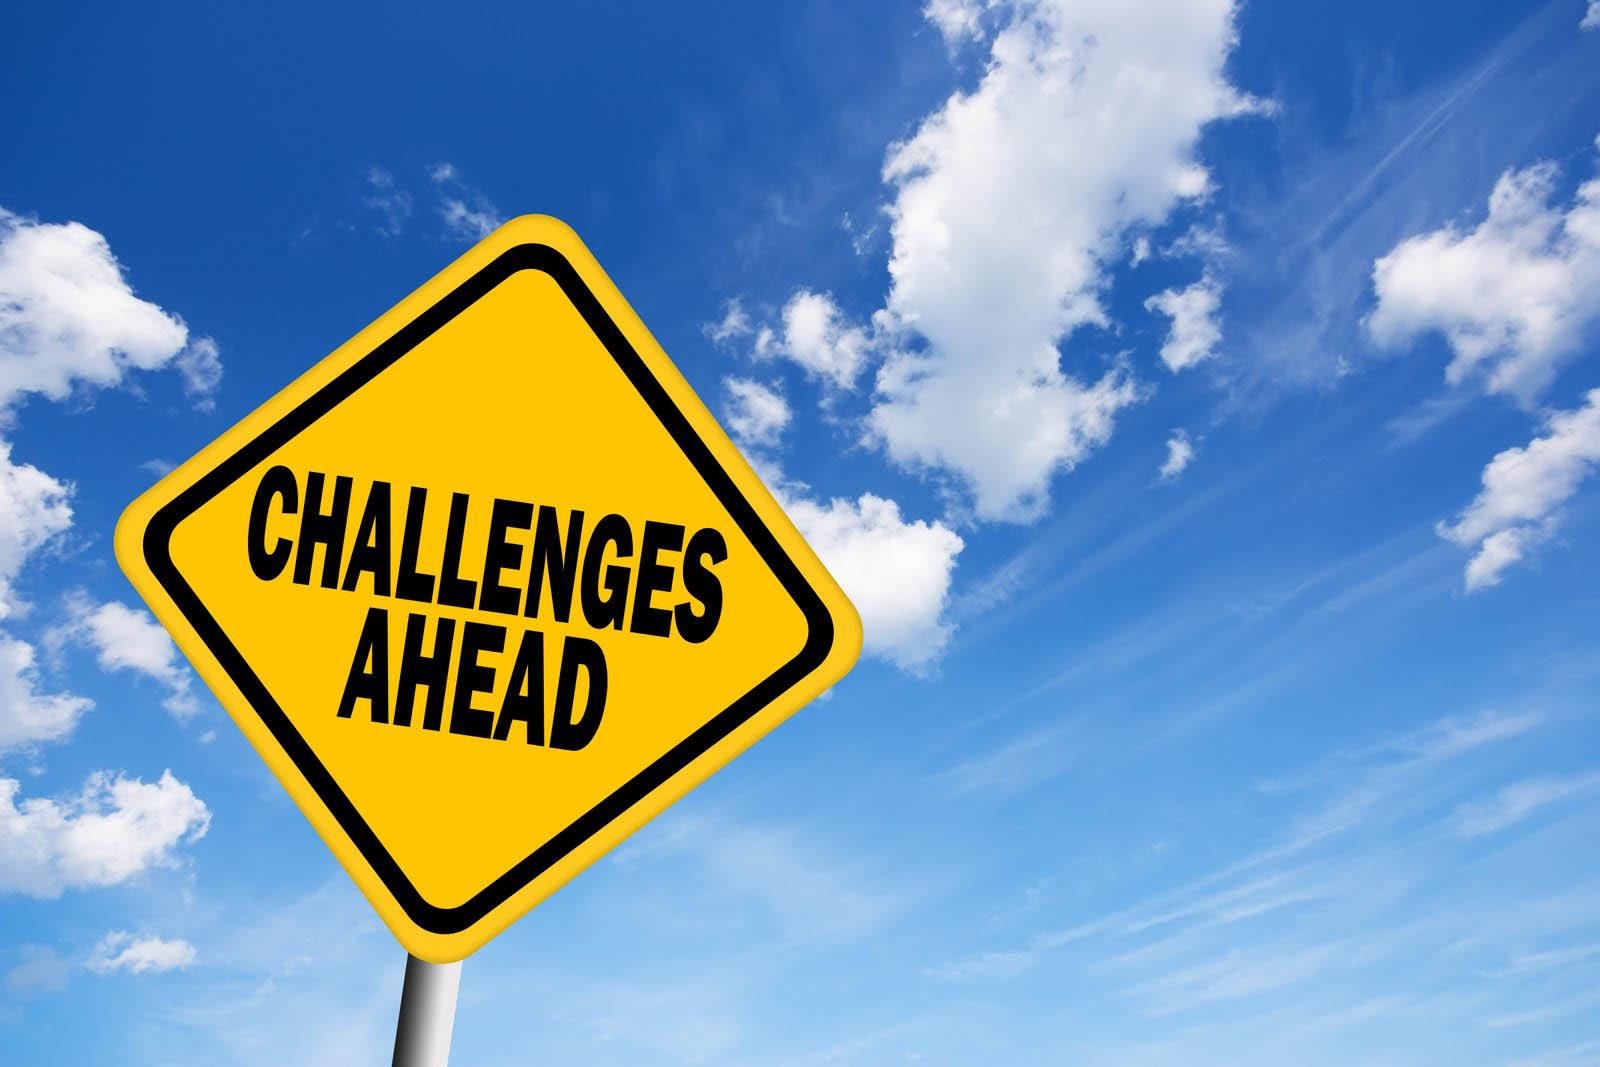 Le nuove sfide vanno affrontate senza paura